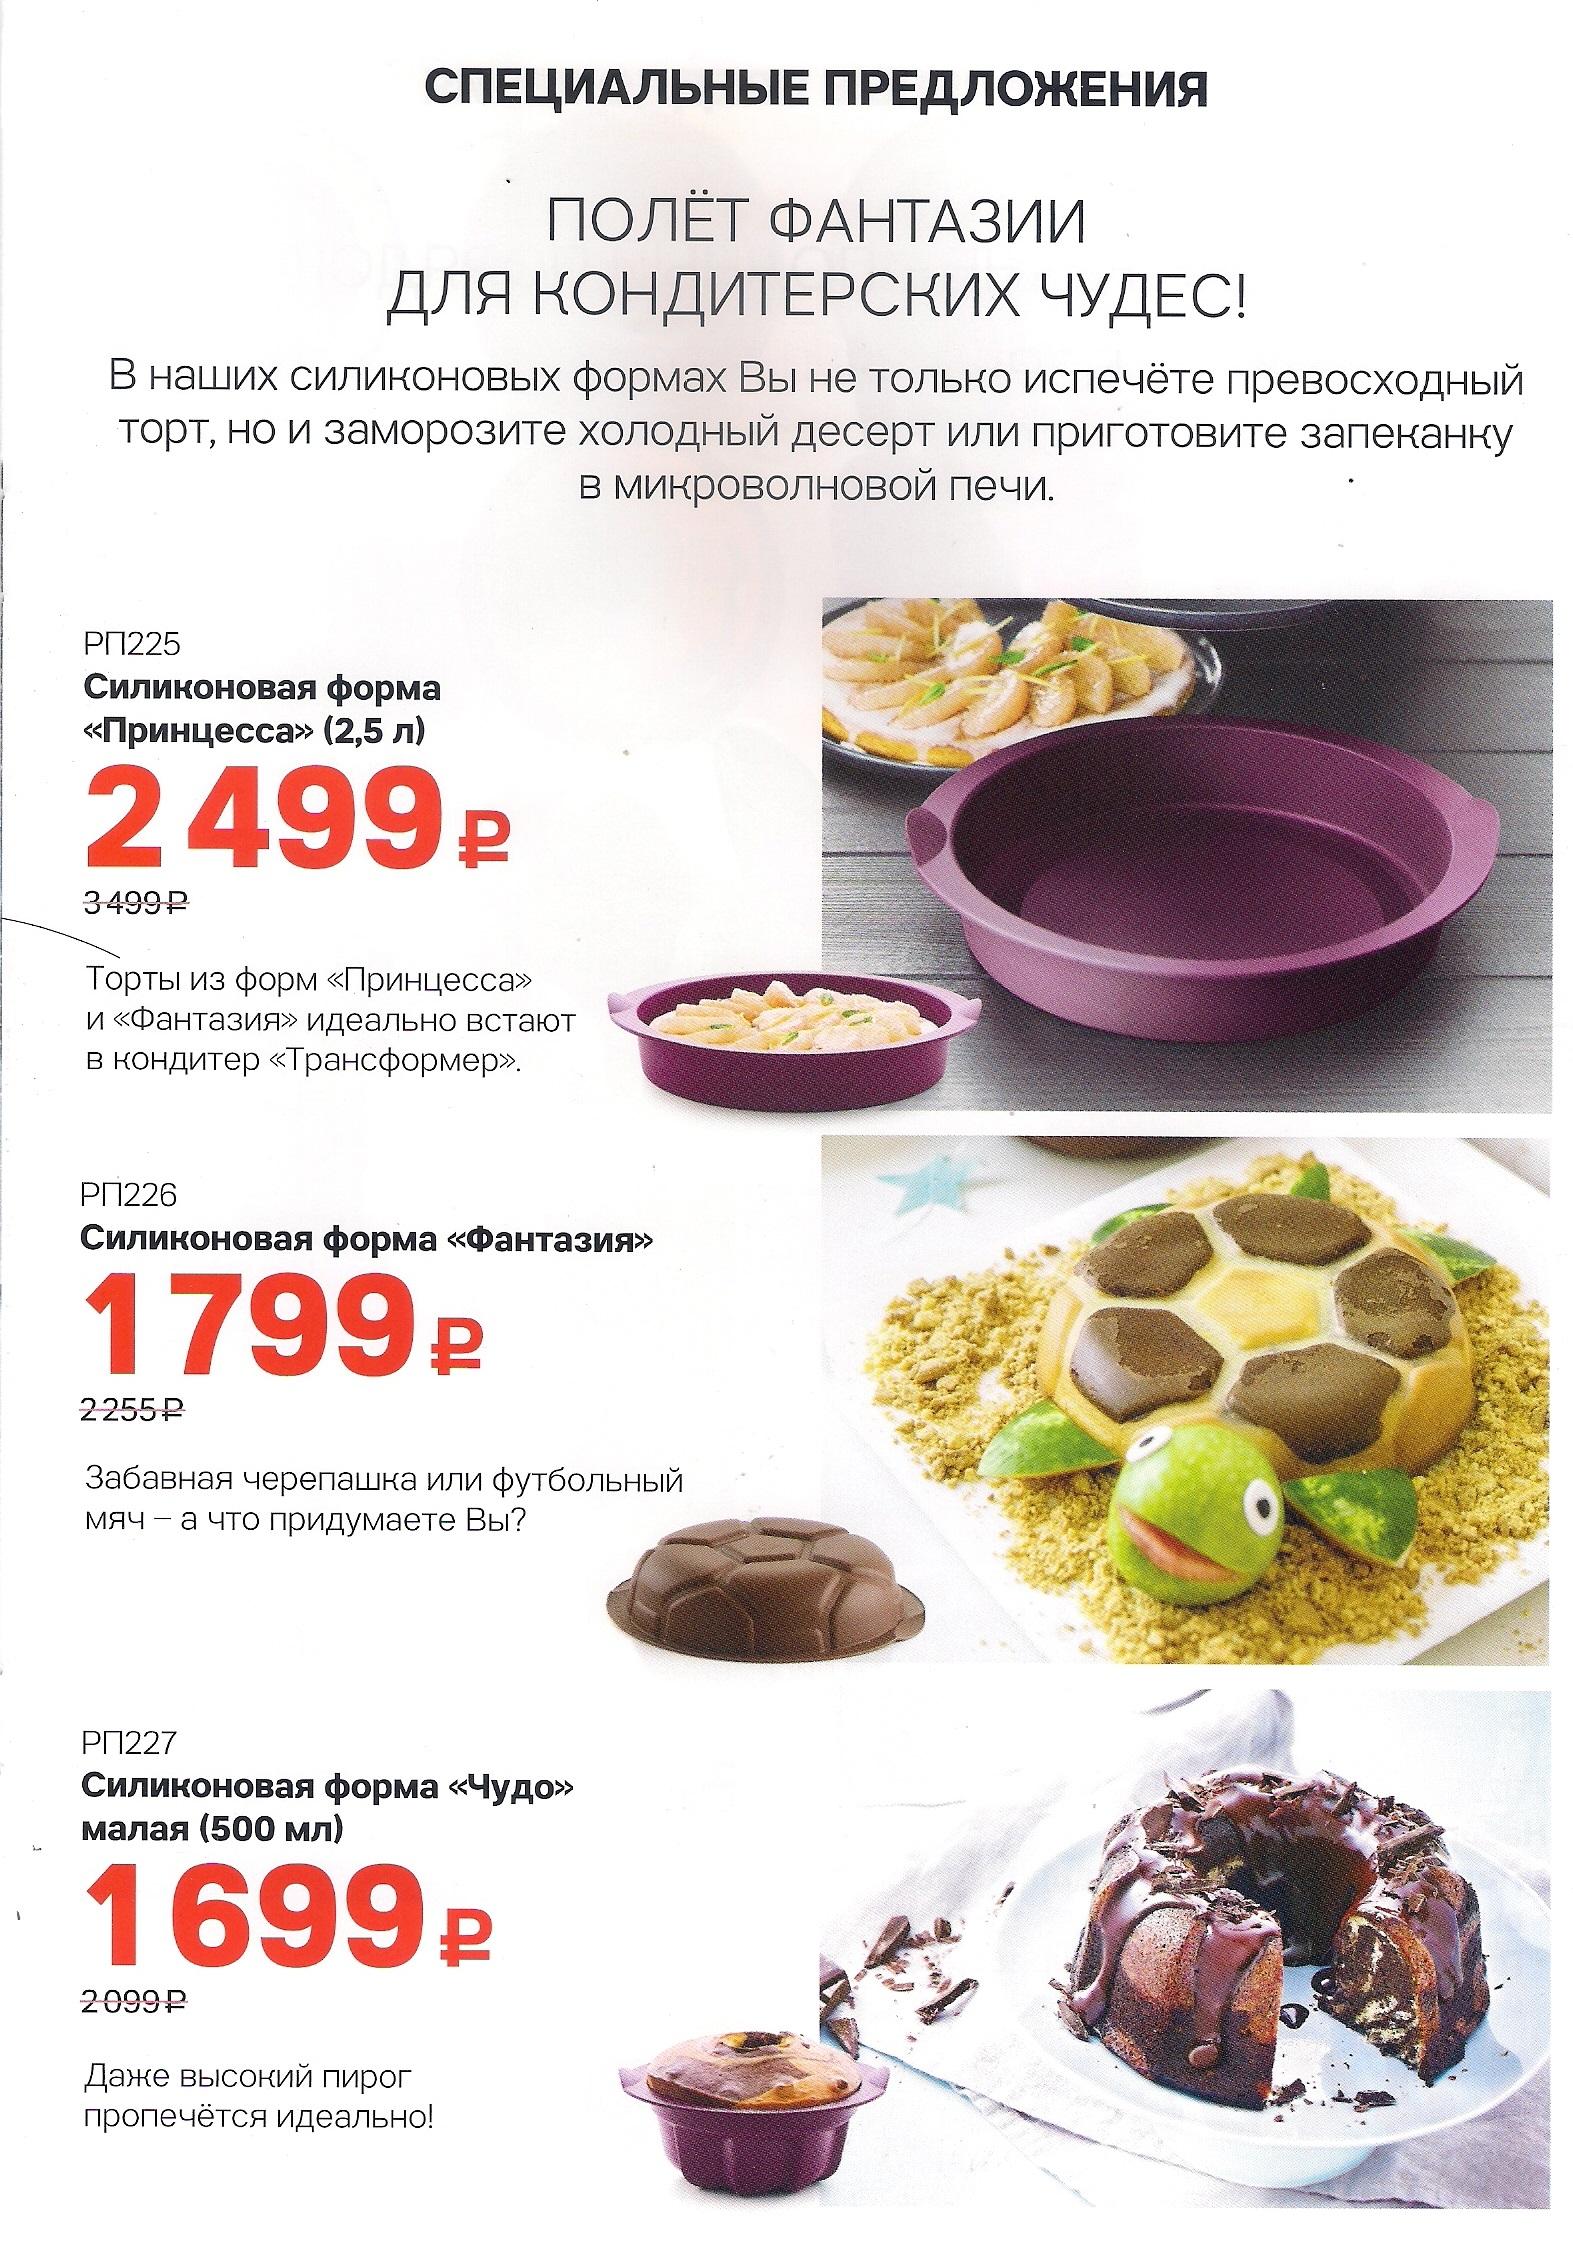 http://tupperware-online.ru/images/upload/9n.jpg